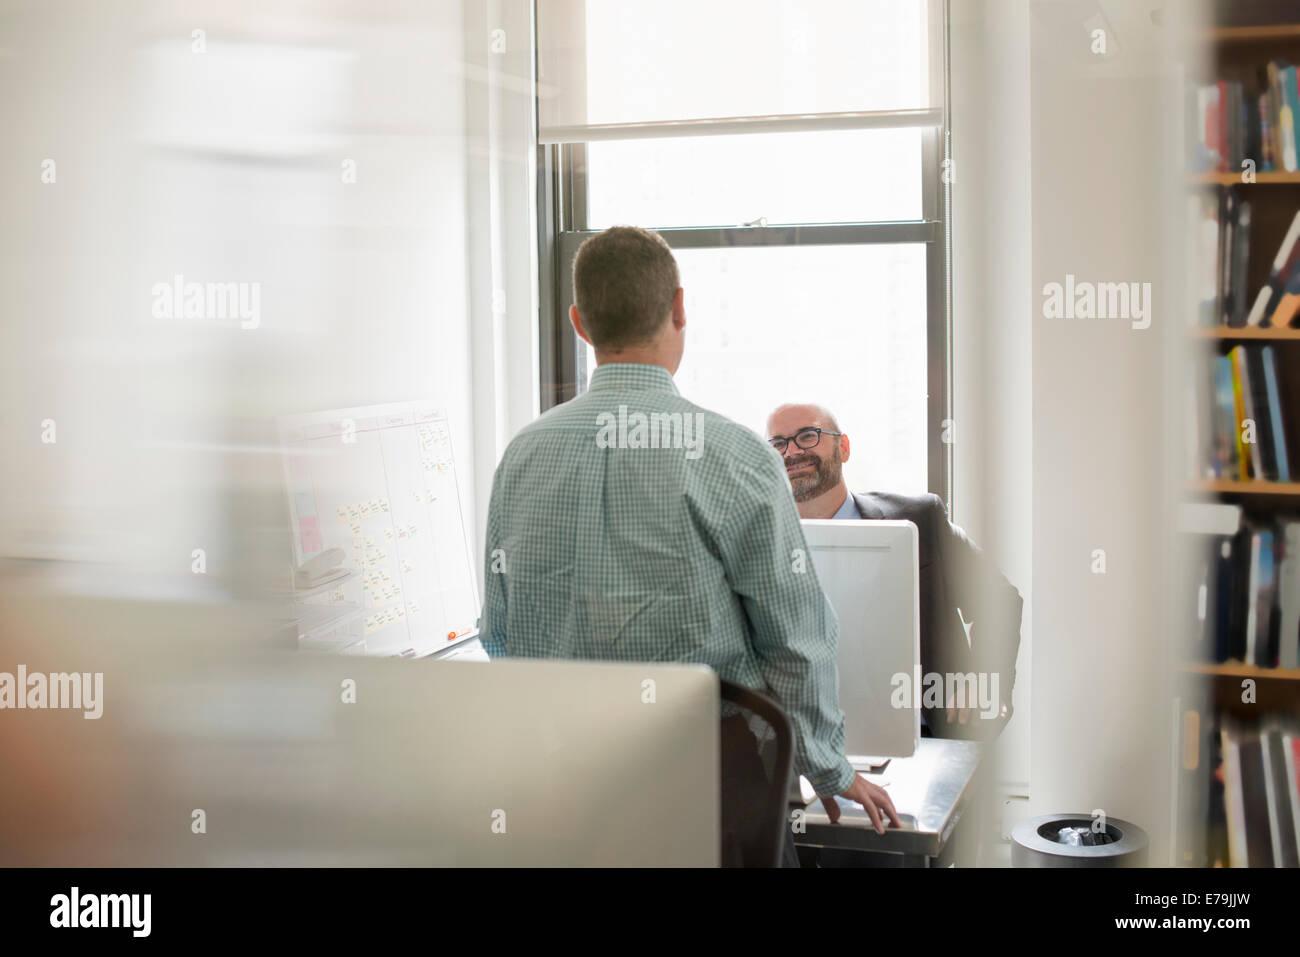 Büroalltag. Zwei Menschen, Geschäftsleute, die über ihre Schreibtische miteinander zu reden. Stockbild